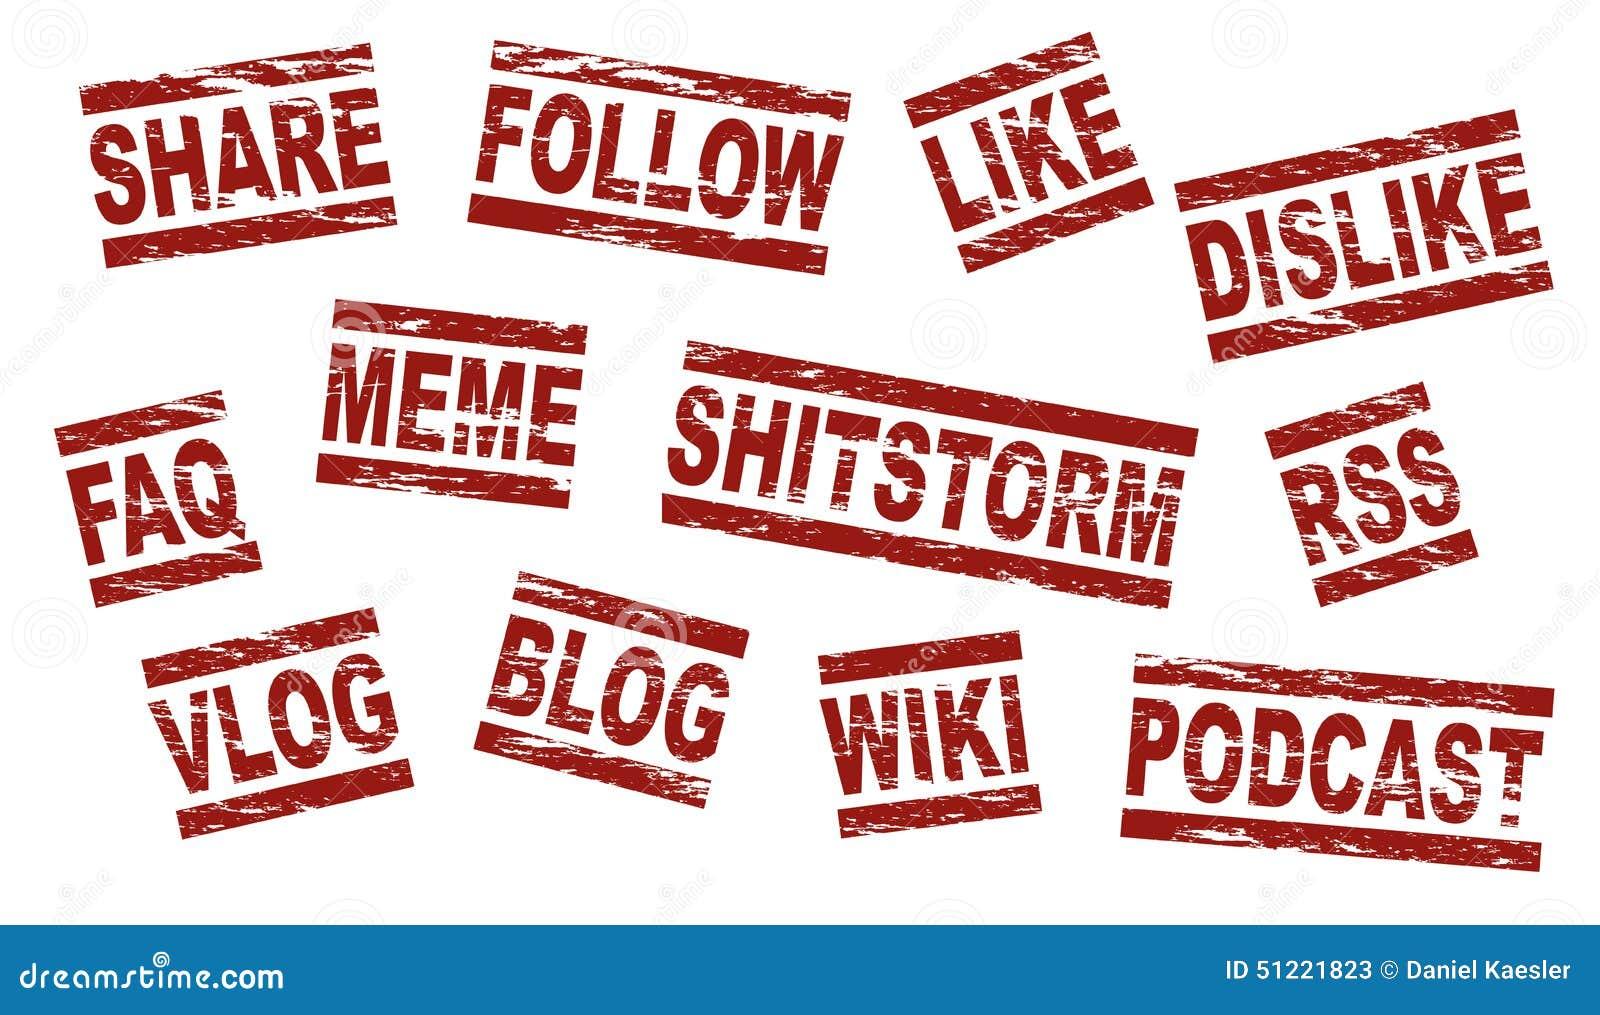 like share follow wiki